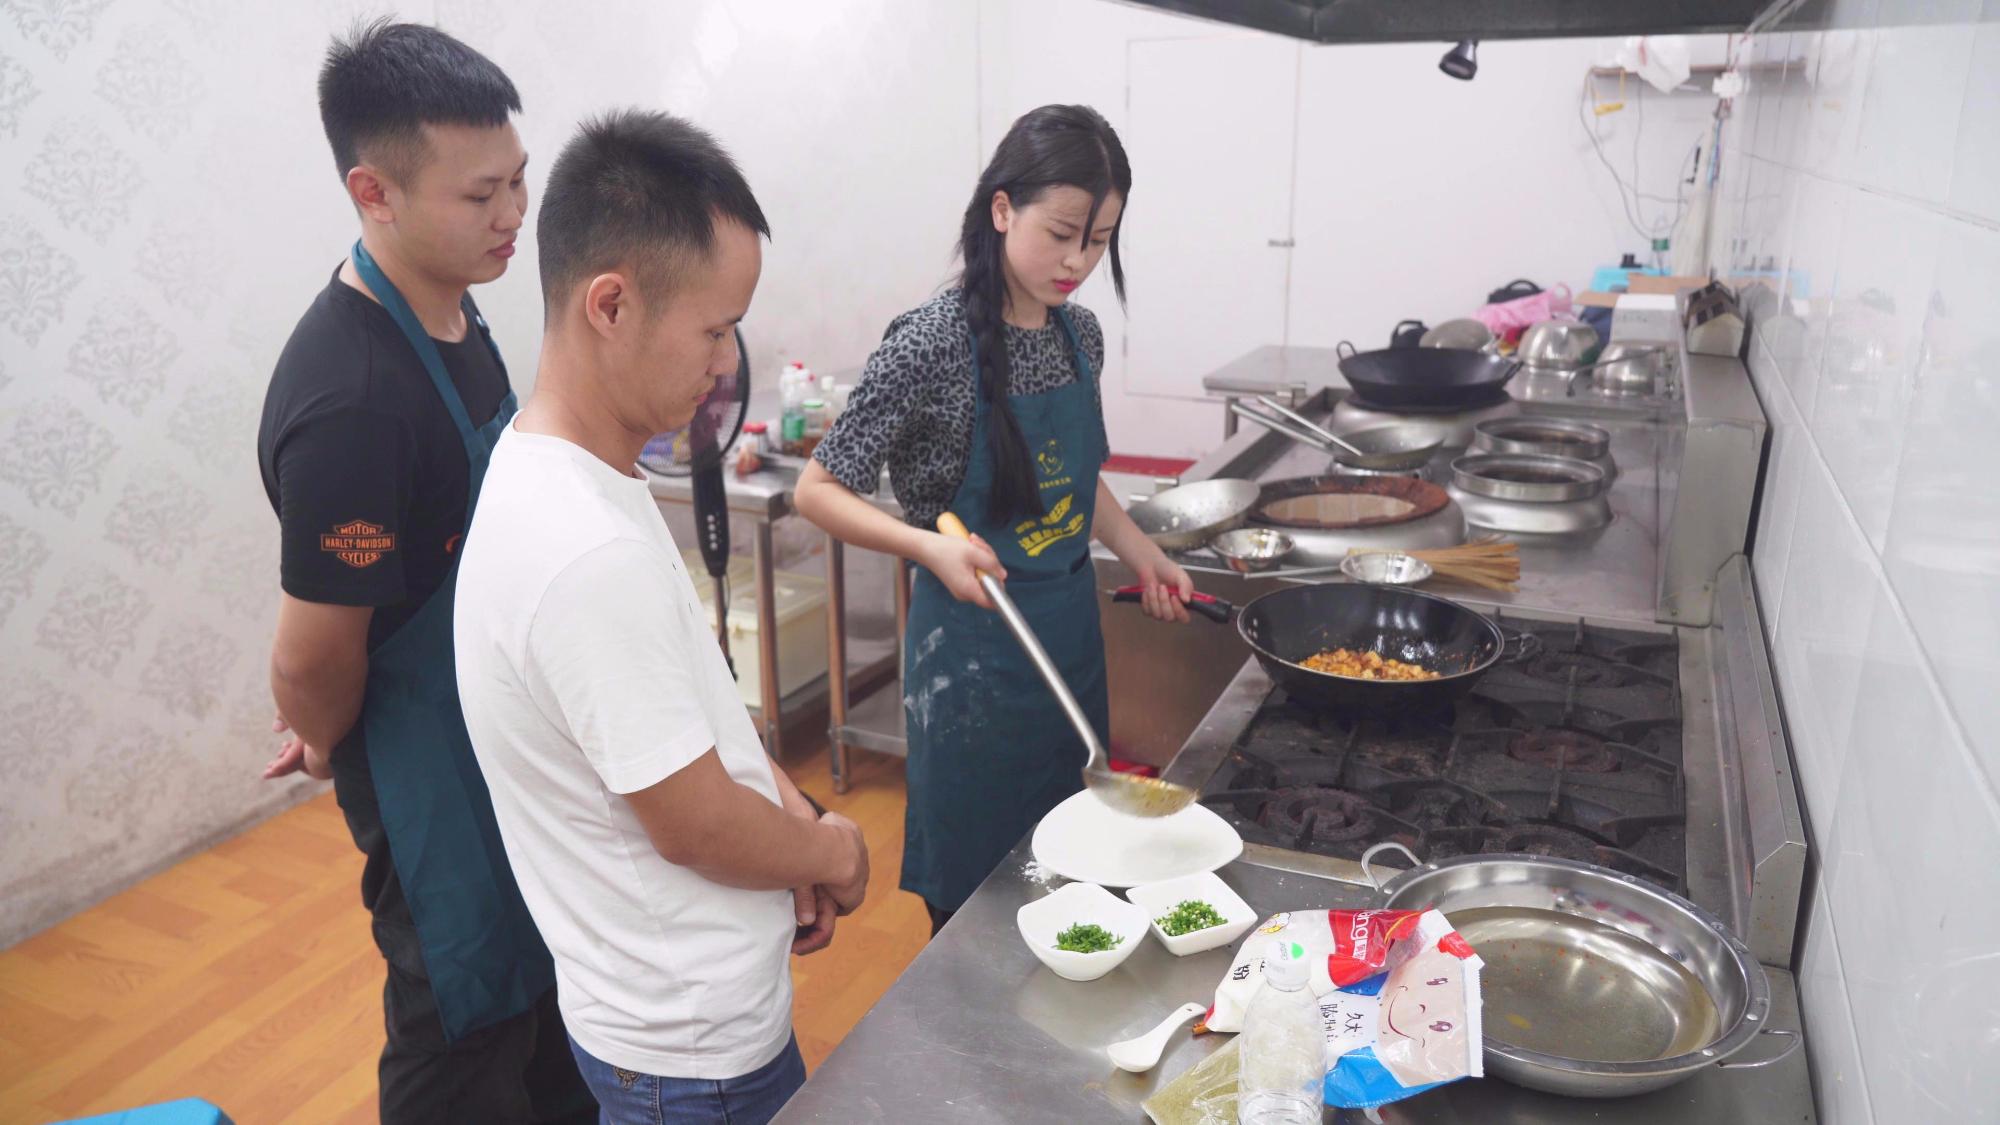 再次挑战经典川菜麻婆豆腐,努力追赶和师父的差距